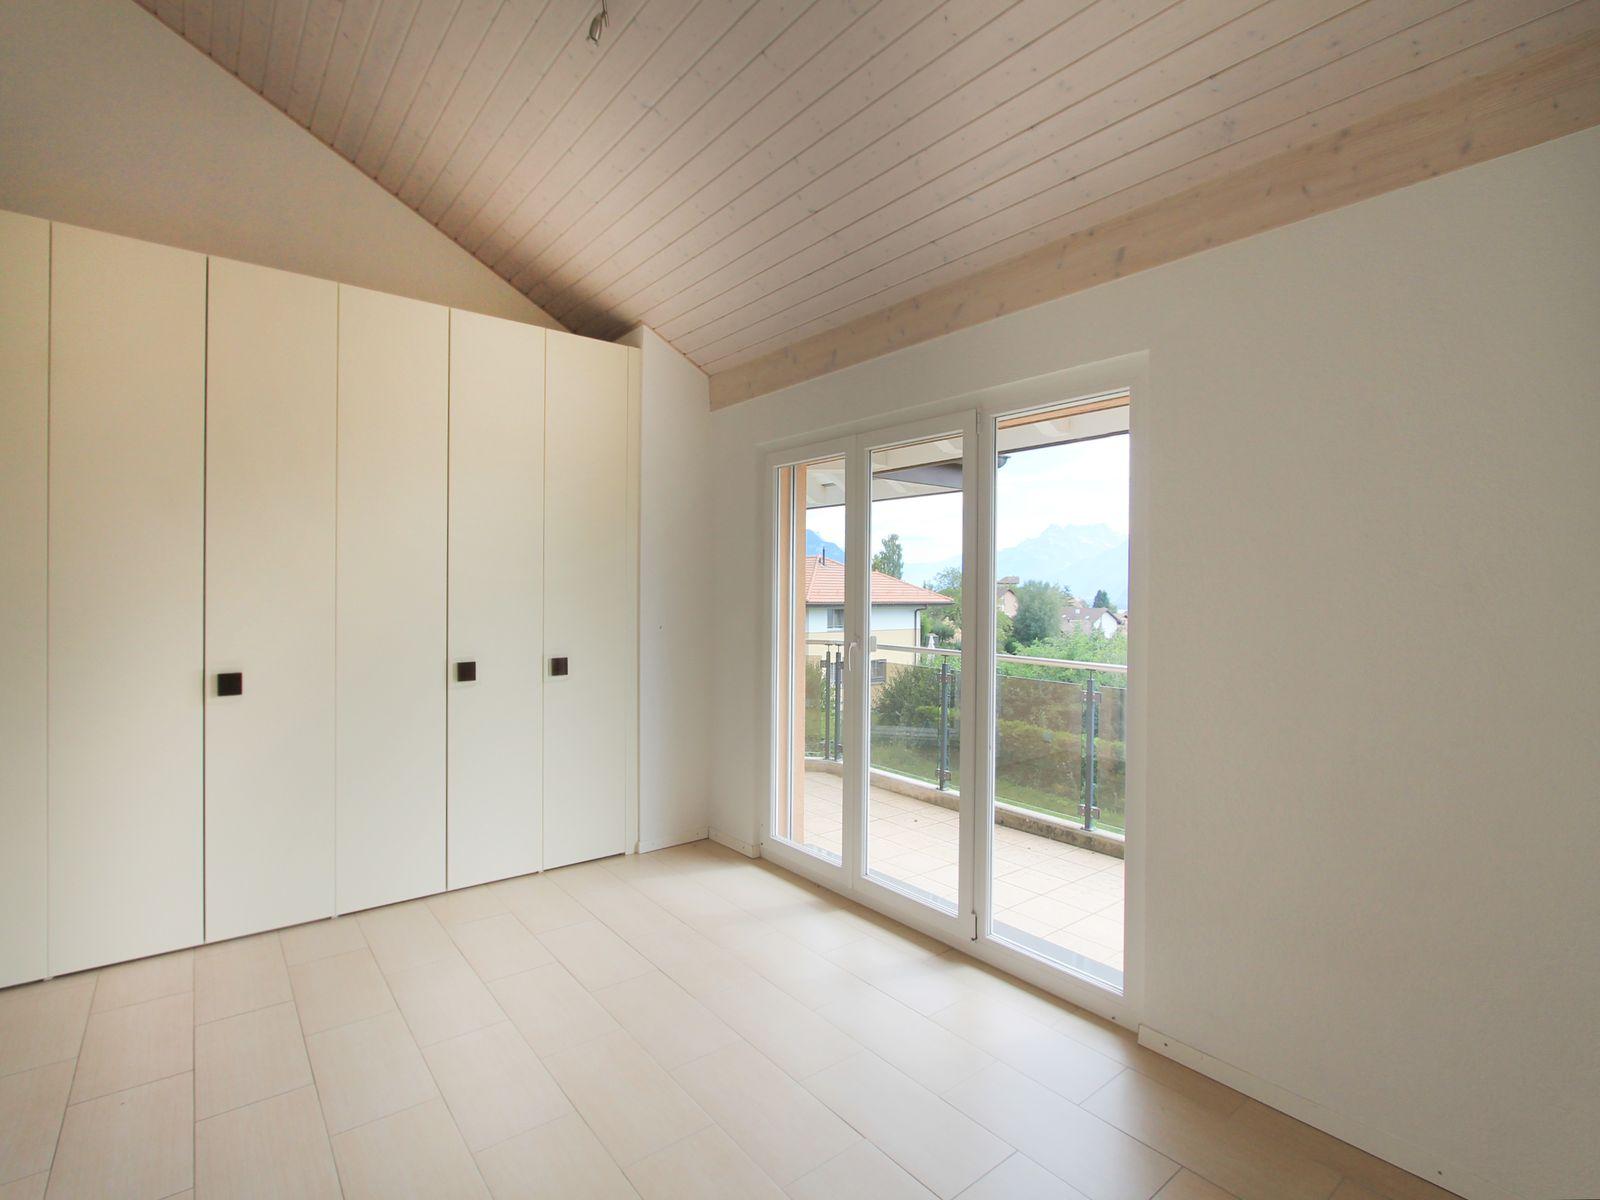 Chambre 2 avec nombreux placards encastrés, vue montagne, accès balcon